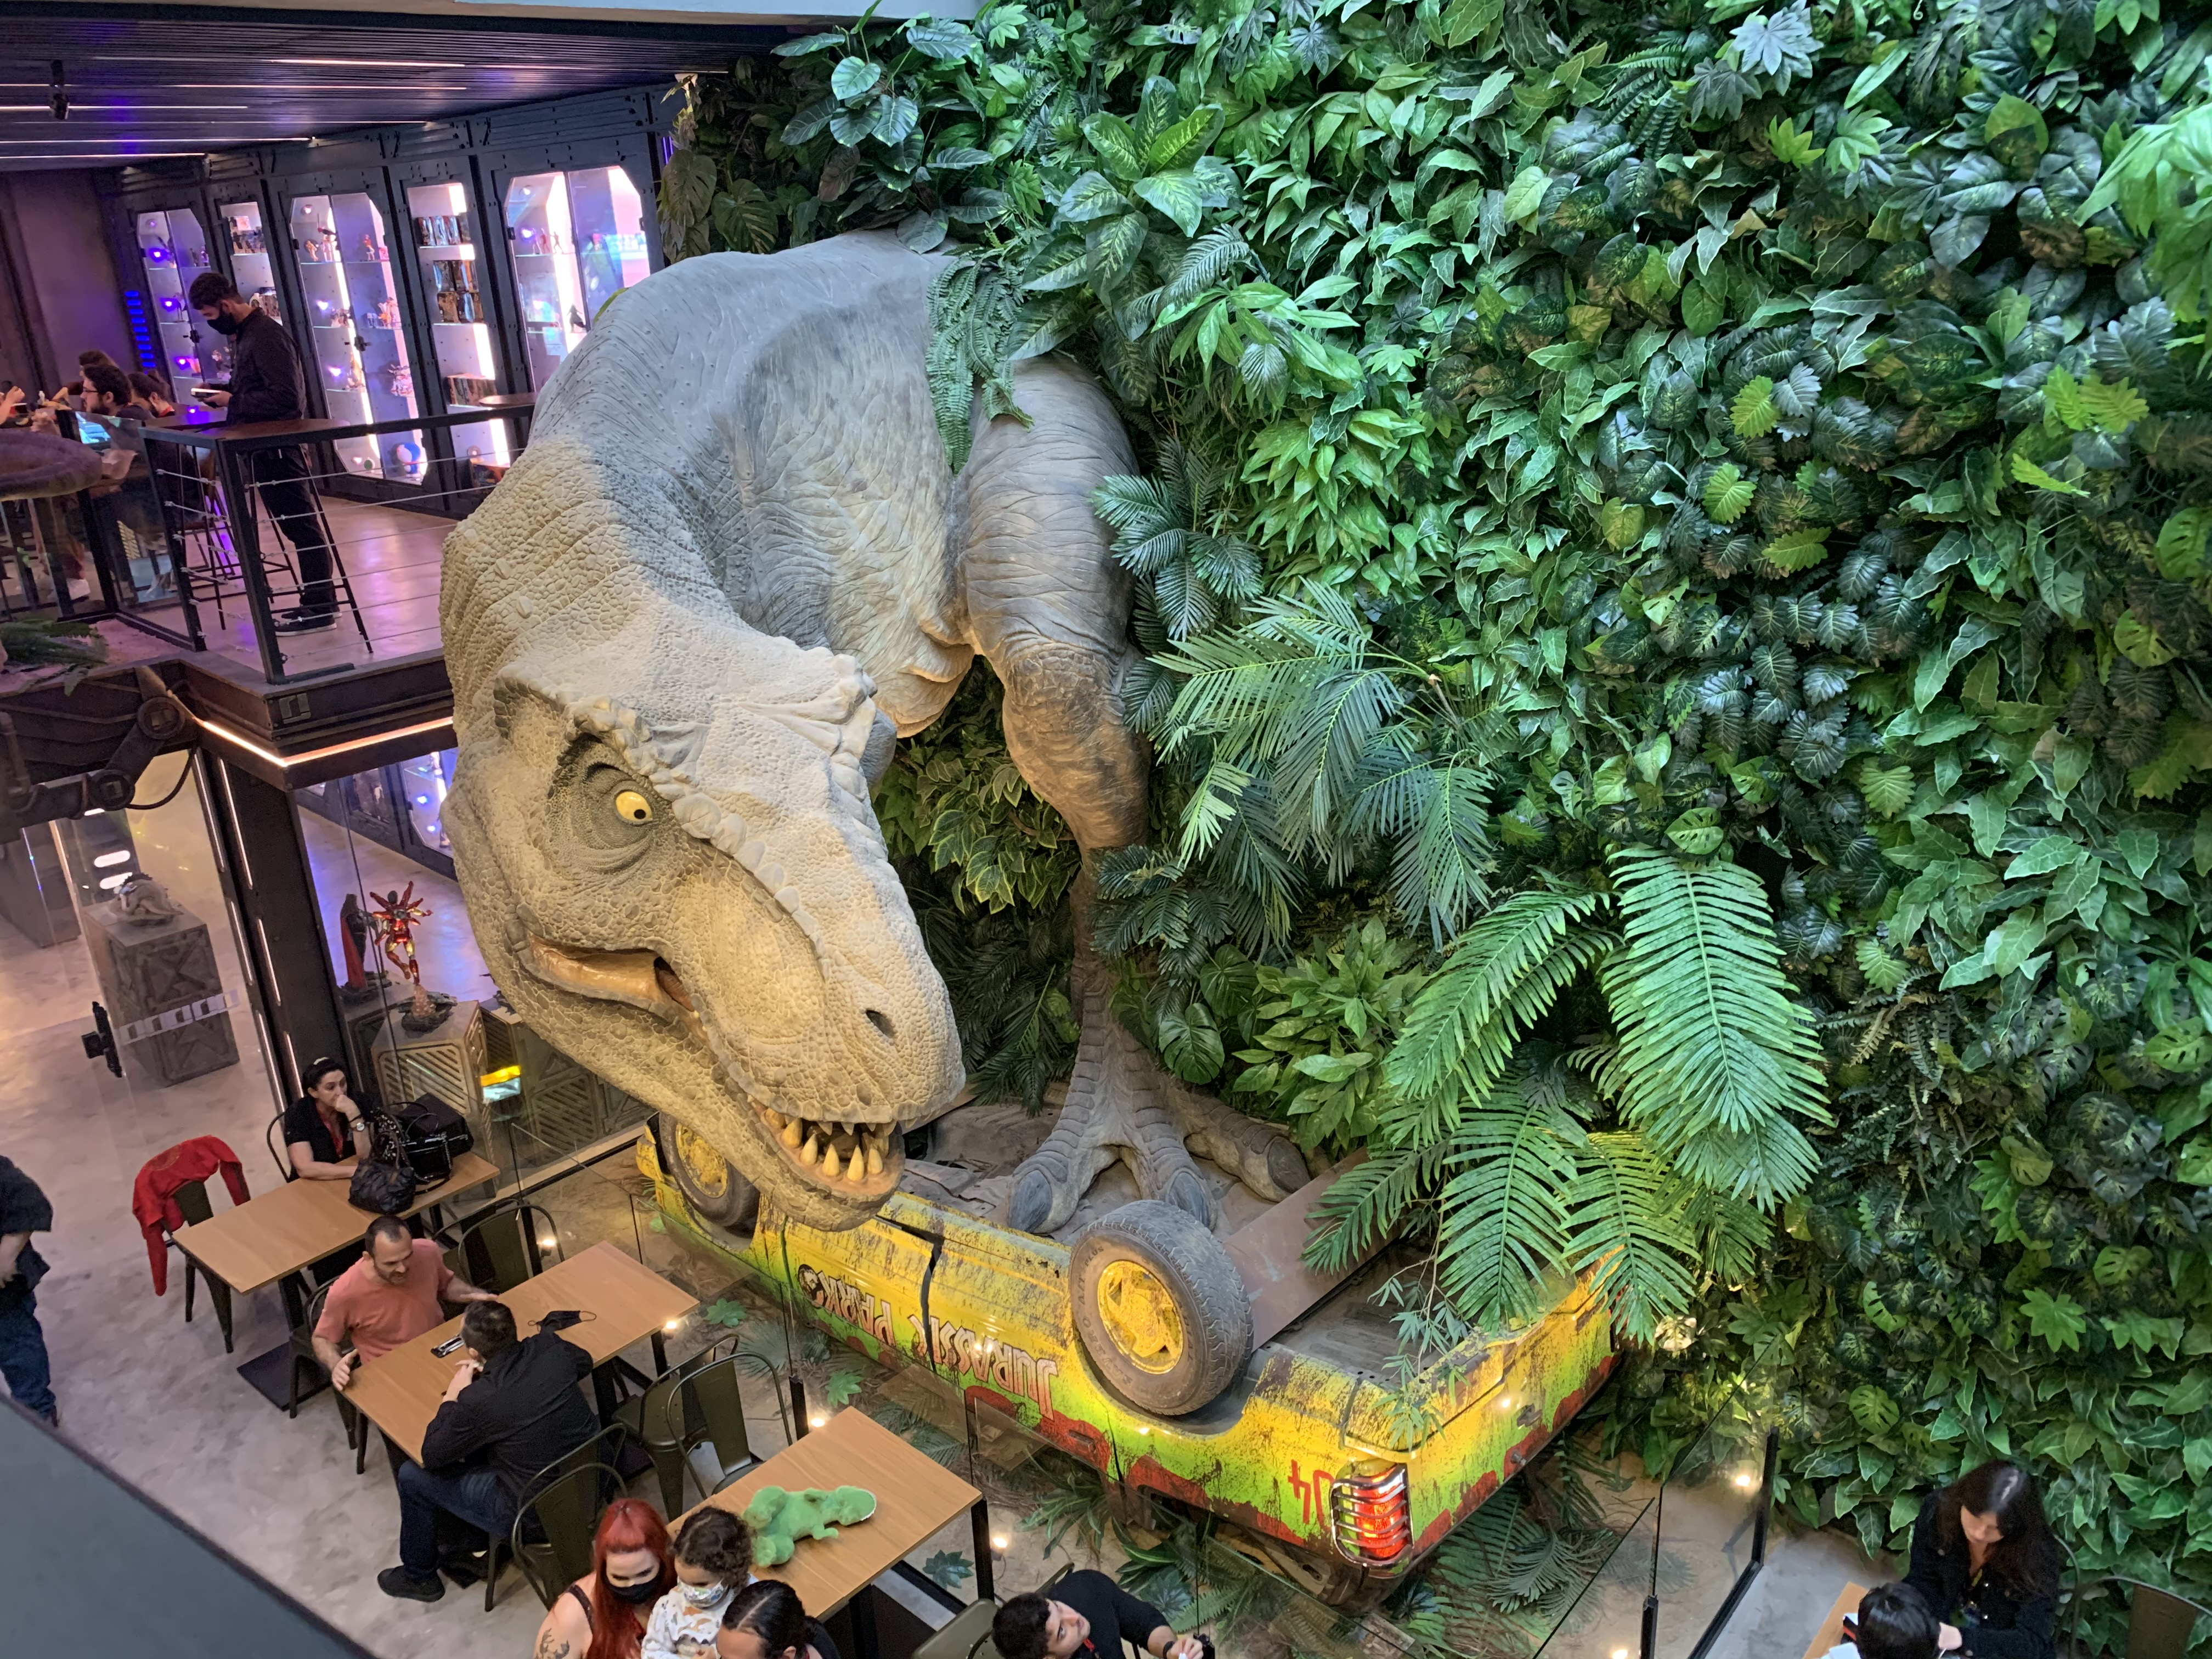 Parede de plantas falsas com uma réplica de um tiranossauro rex sobre um carro virado do Jurassic Park.